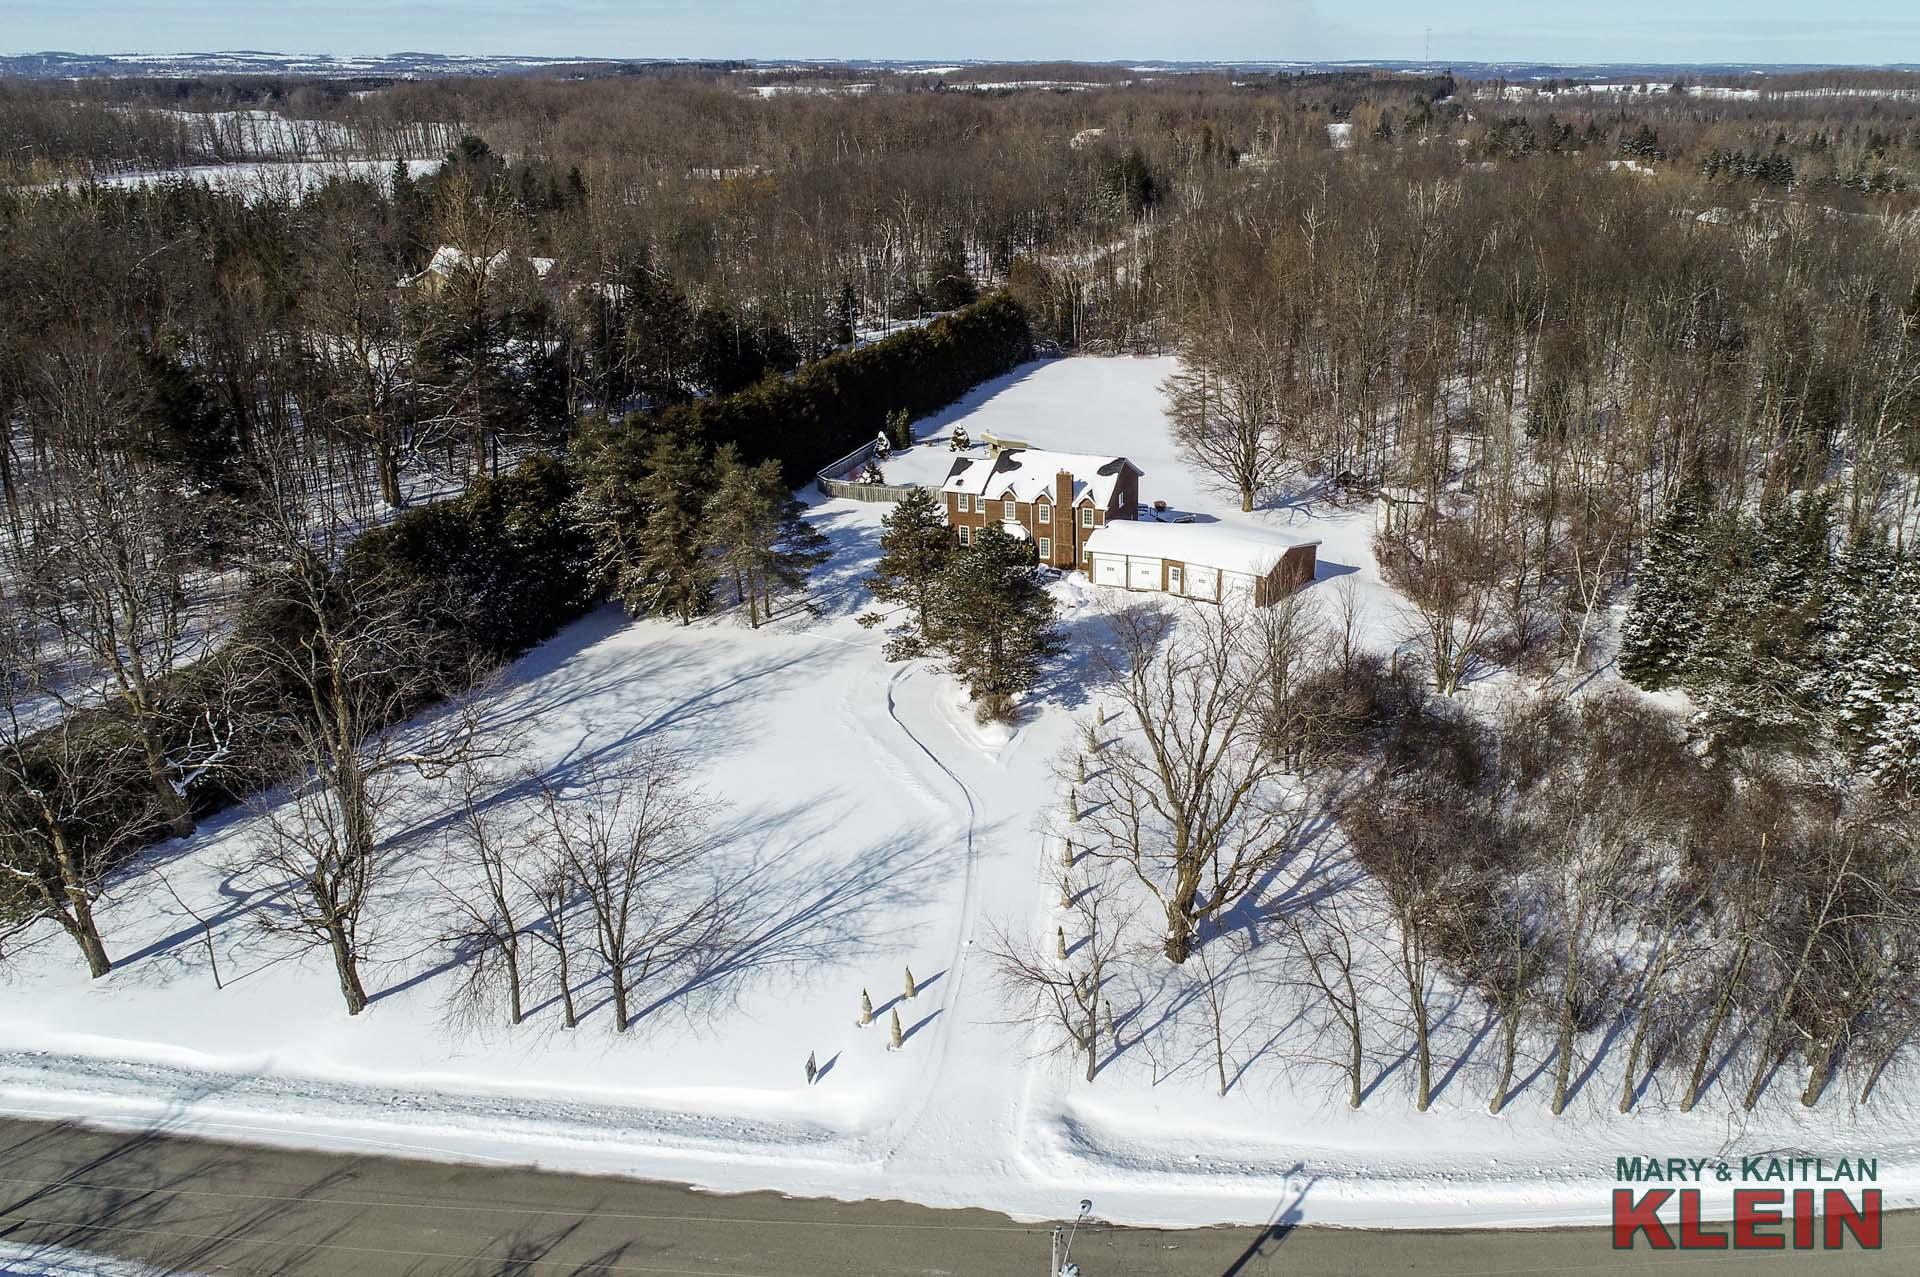 4 Bedroom Caledon home for sale, Tamarack Estates, Klein